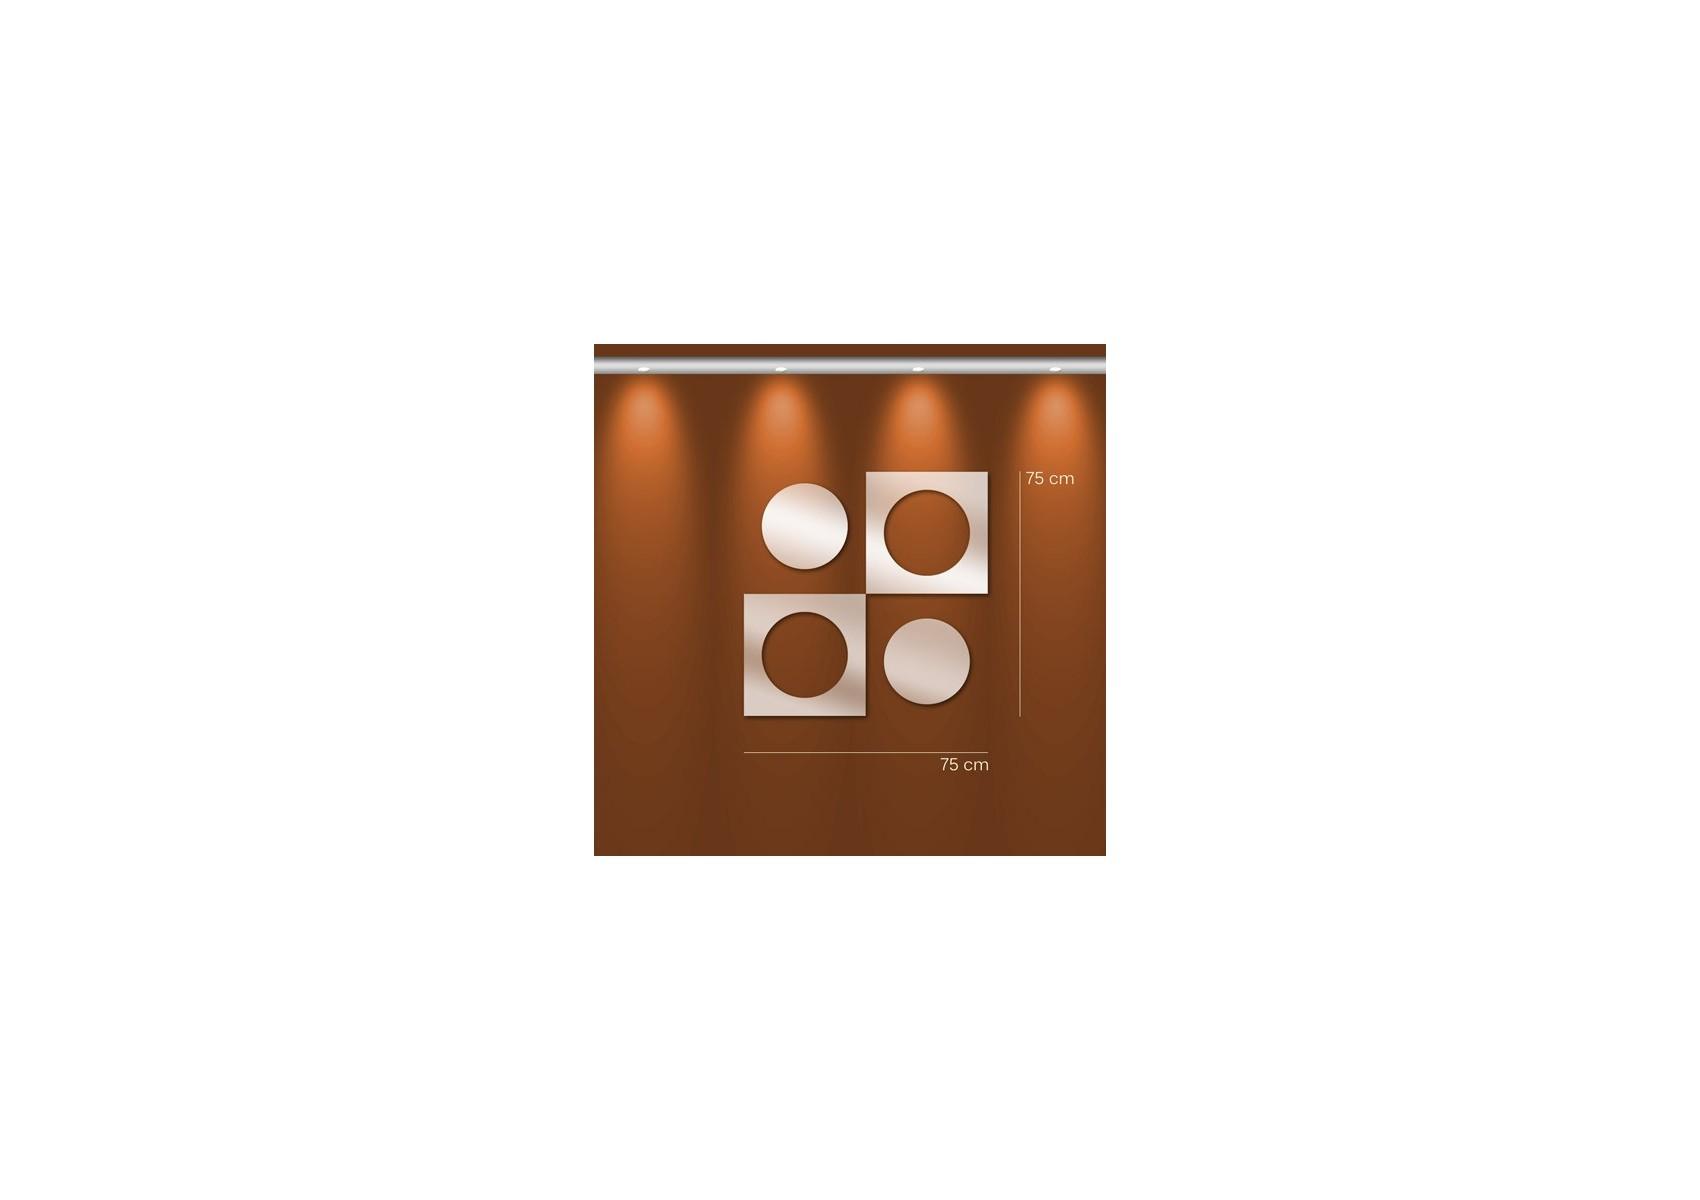 Miroir design rond et carr imbriqu boite design for Miroir rond design